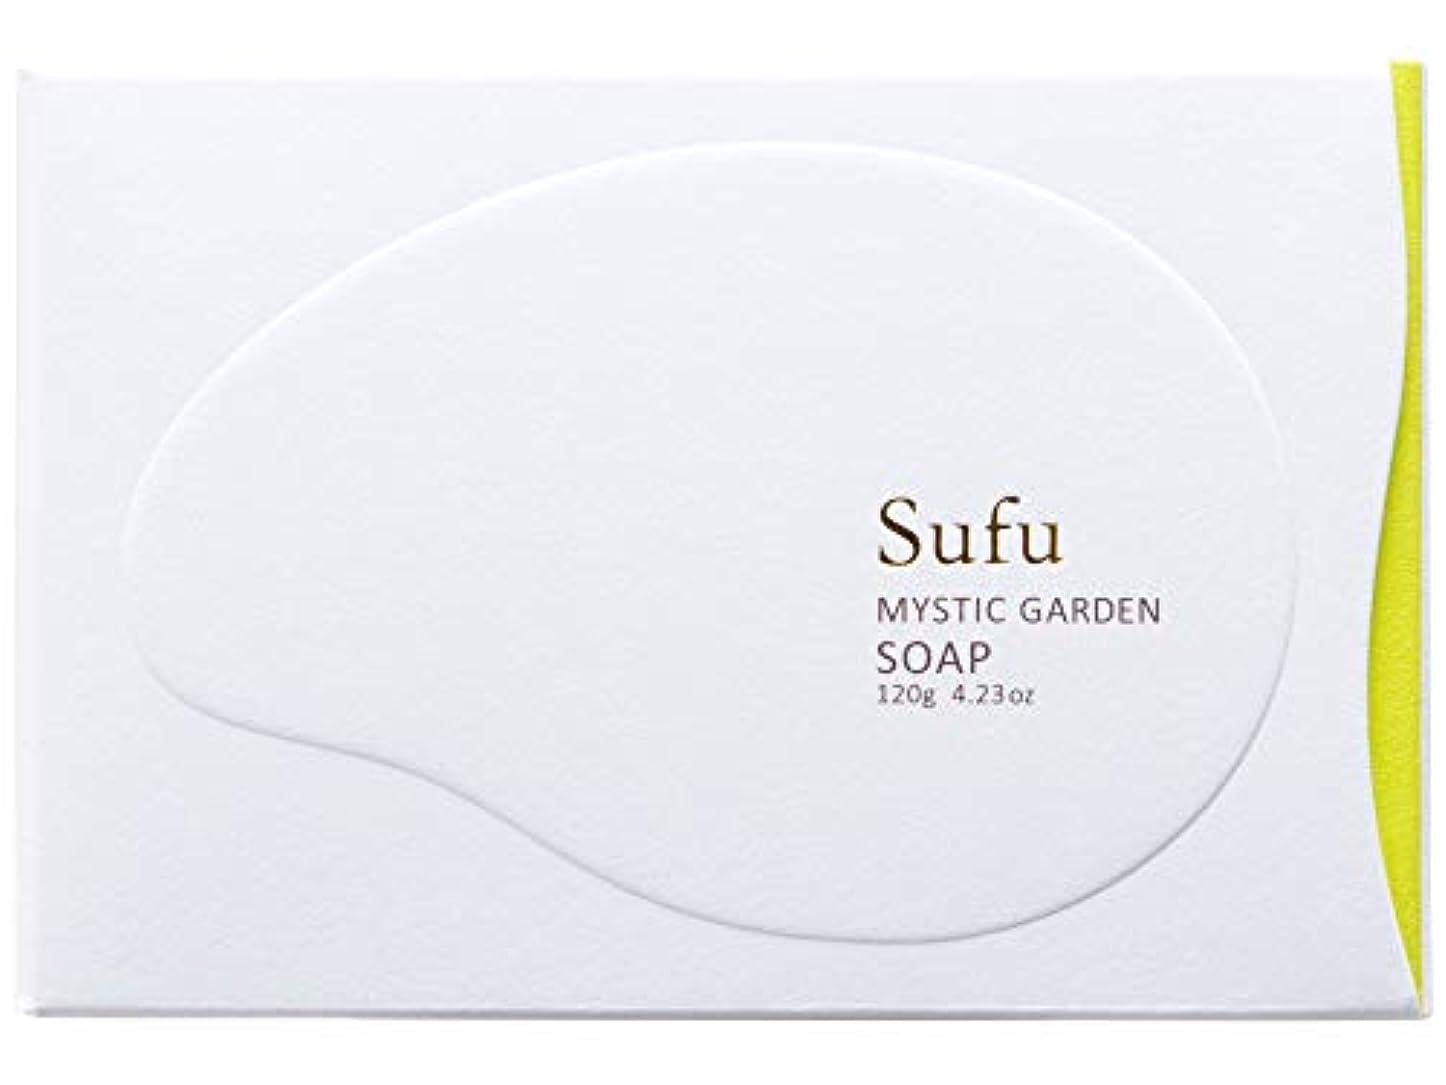 ペリカン石鹸 Sufu ソープ ミスティックガーデン 120g